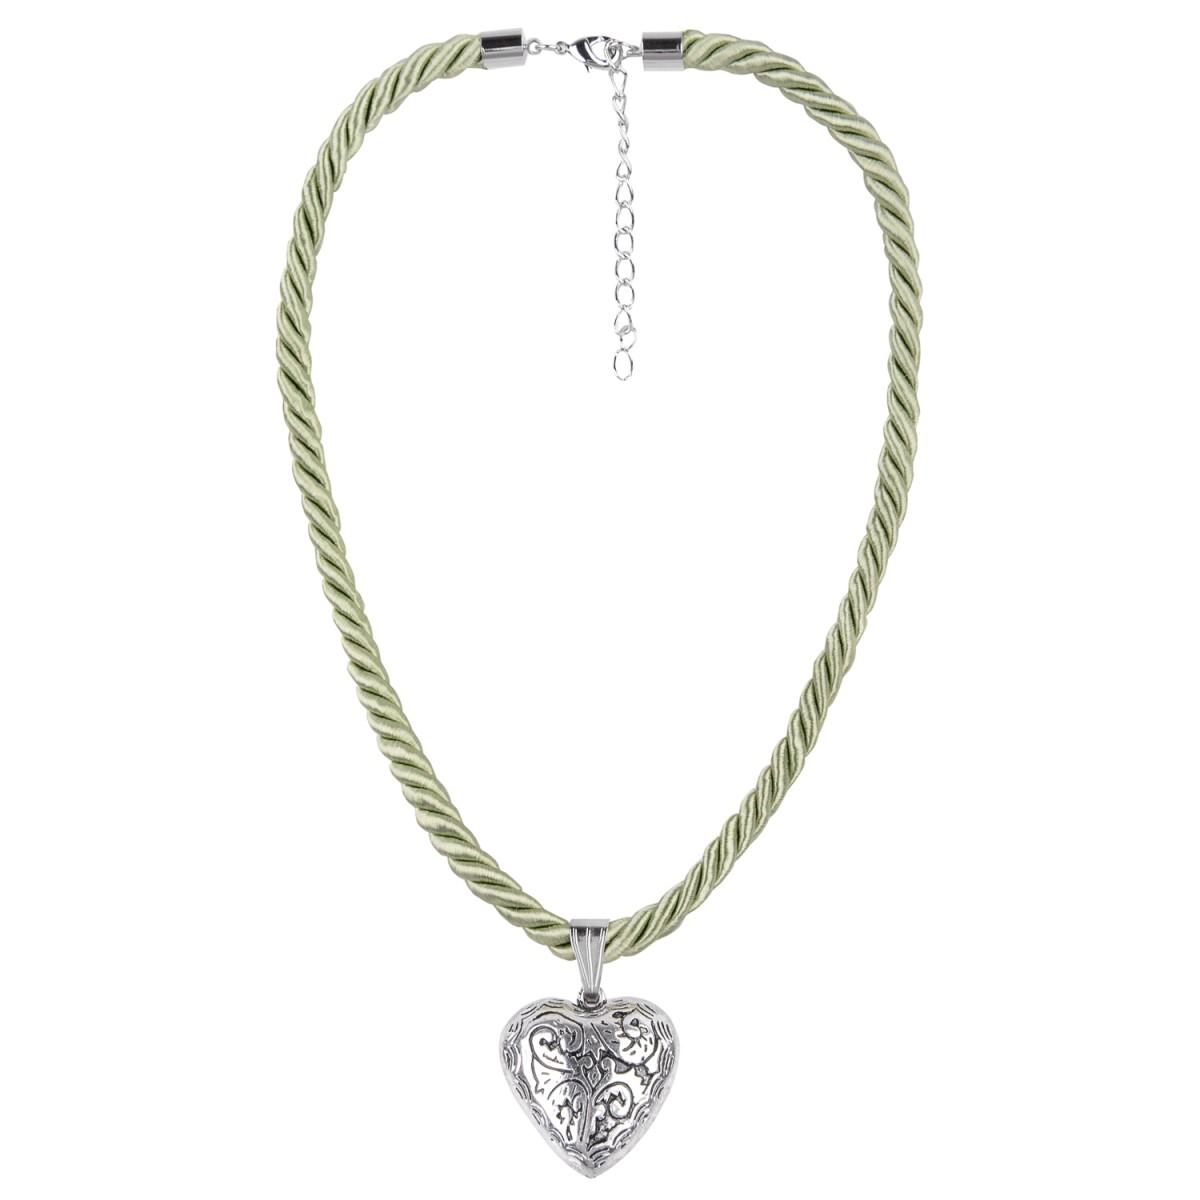 Kordelkette mit Herzanhänger in Hellgrün von Schlick Accessoires günstig online kaufen